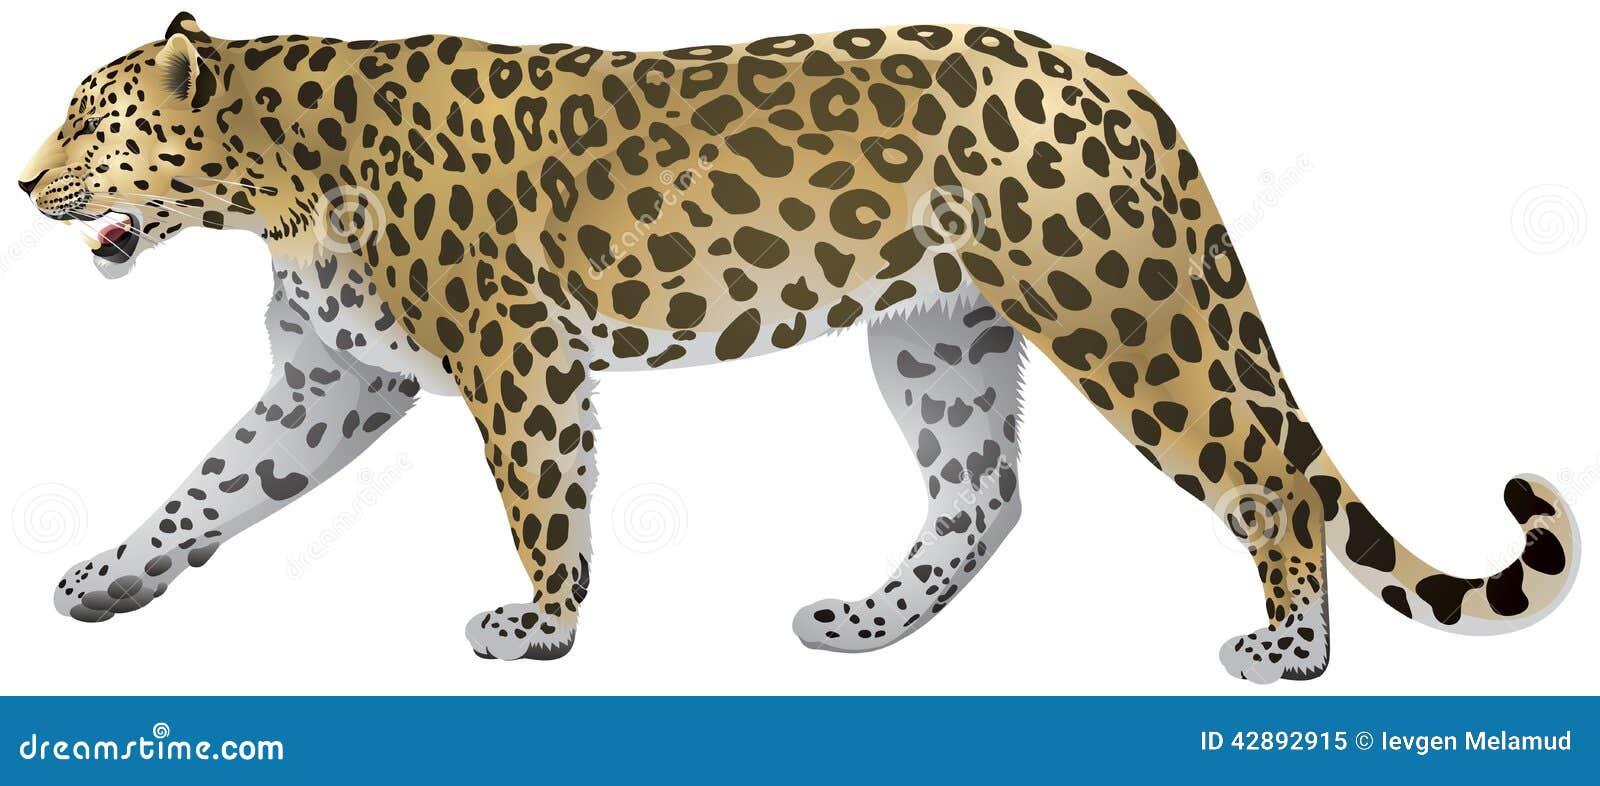 Leopard Walking, wild big cat realistic illustration.